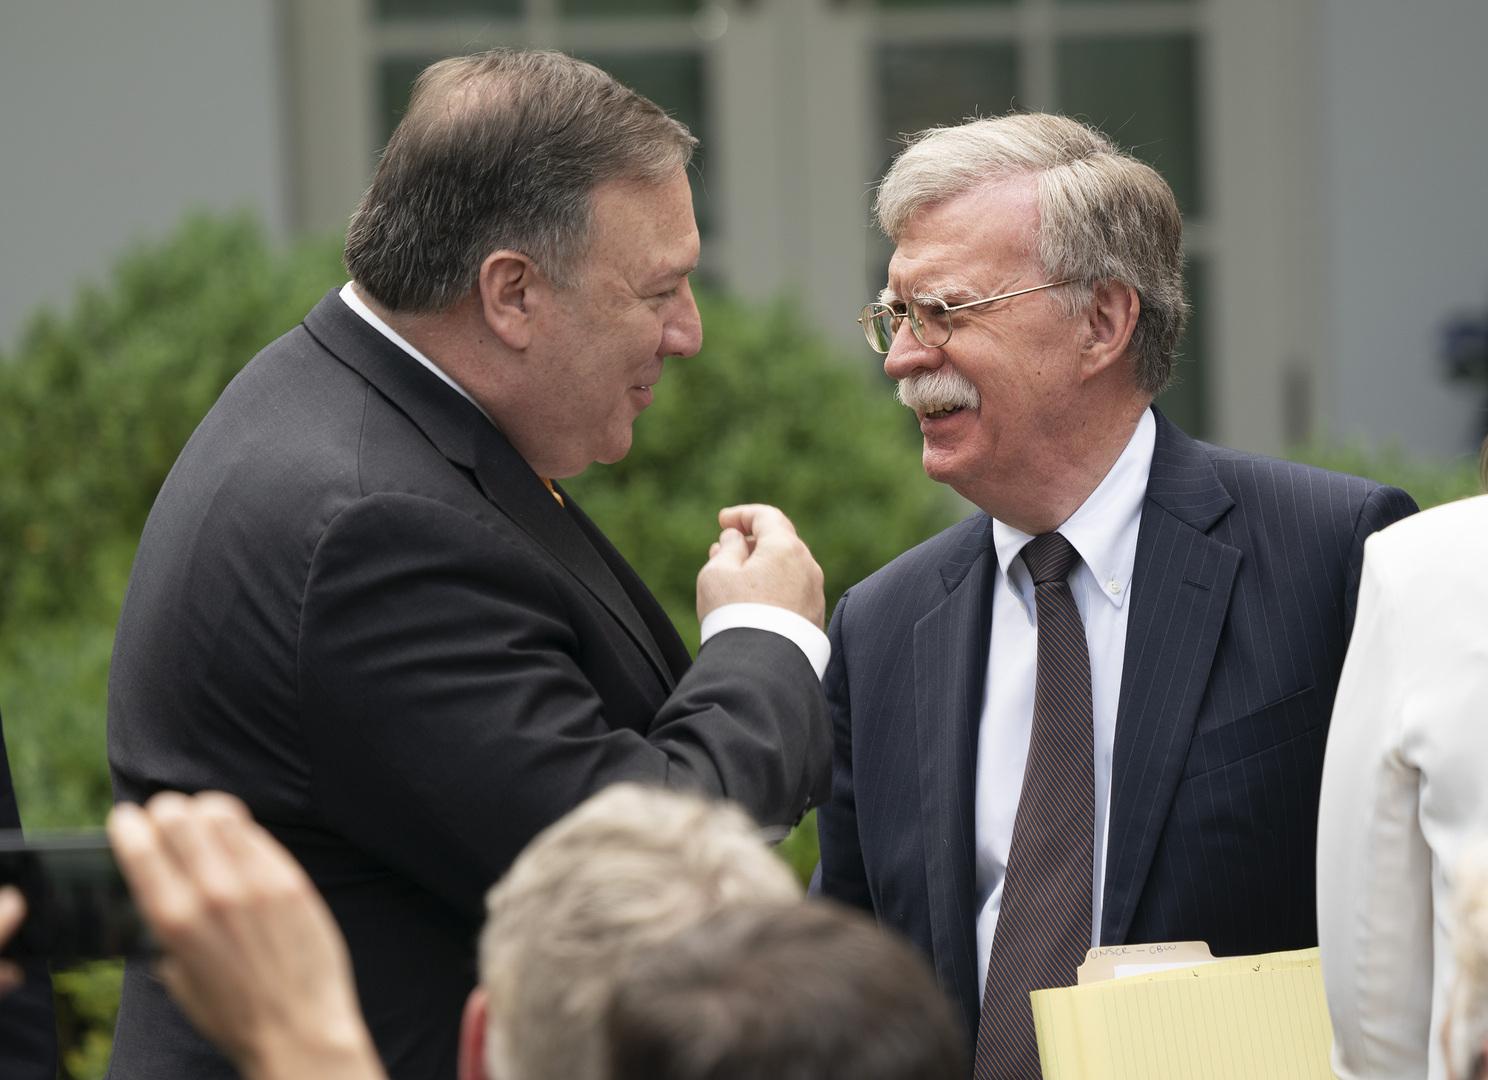 مستشار الأمن القومي الأمريكي السابق جون بولتون مع وزير الخارجية مايك بومبيو